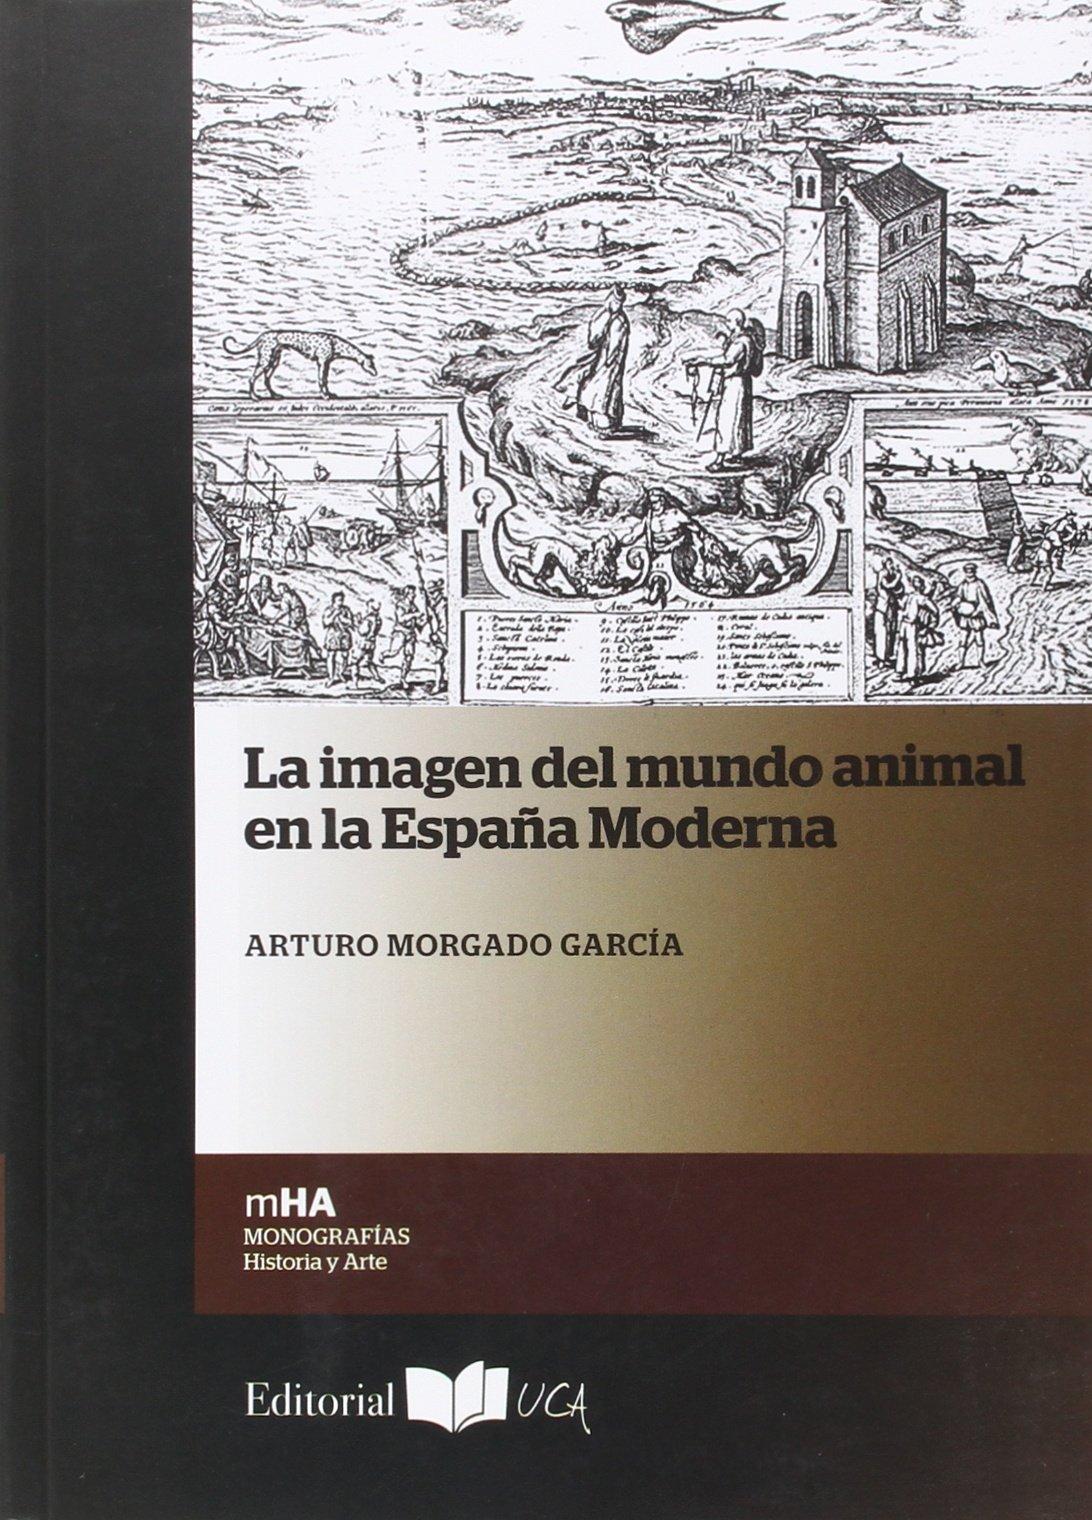 LA IMAGEN DEL MUNDO ANIMAL EN LA ESPAÑA MODERNA: 31 Monografías. Historia y Arte: Amazon.es: Morgado García, Arturo: Libros